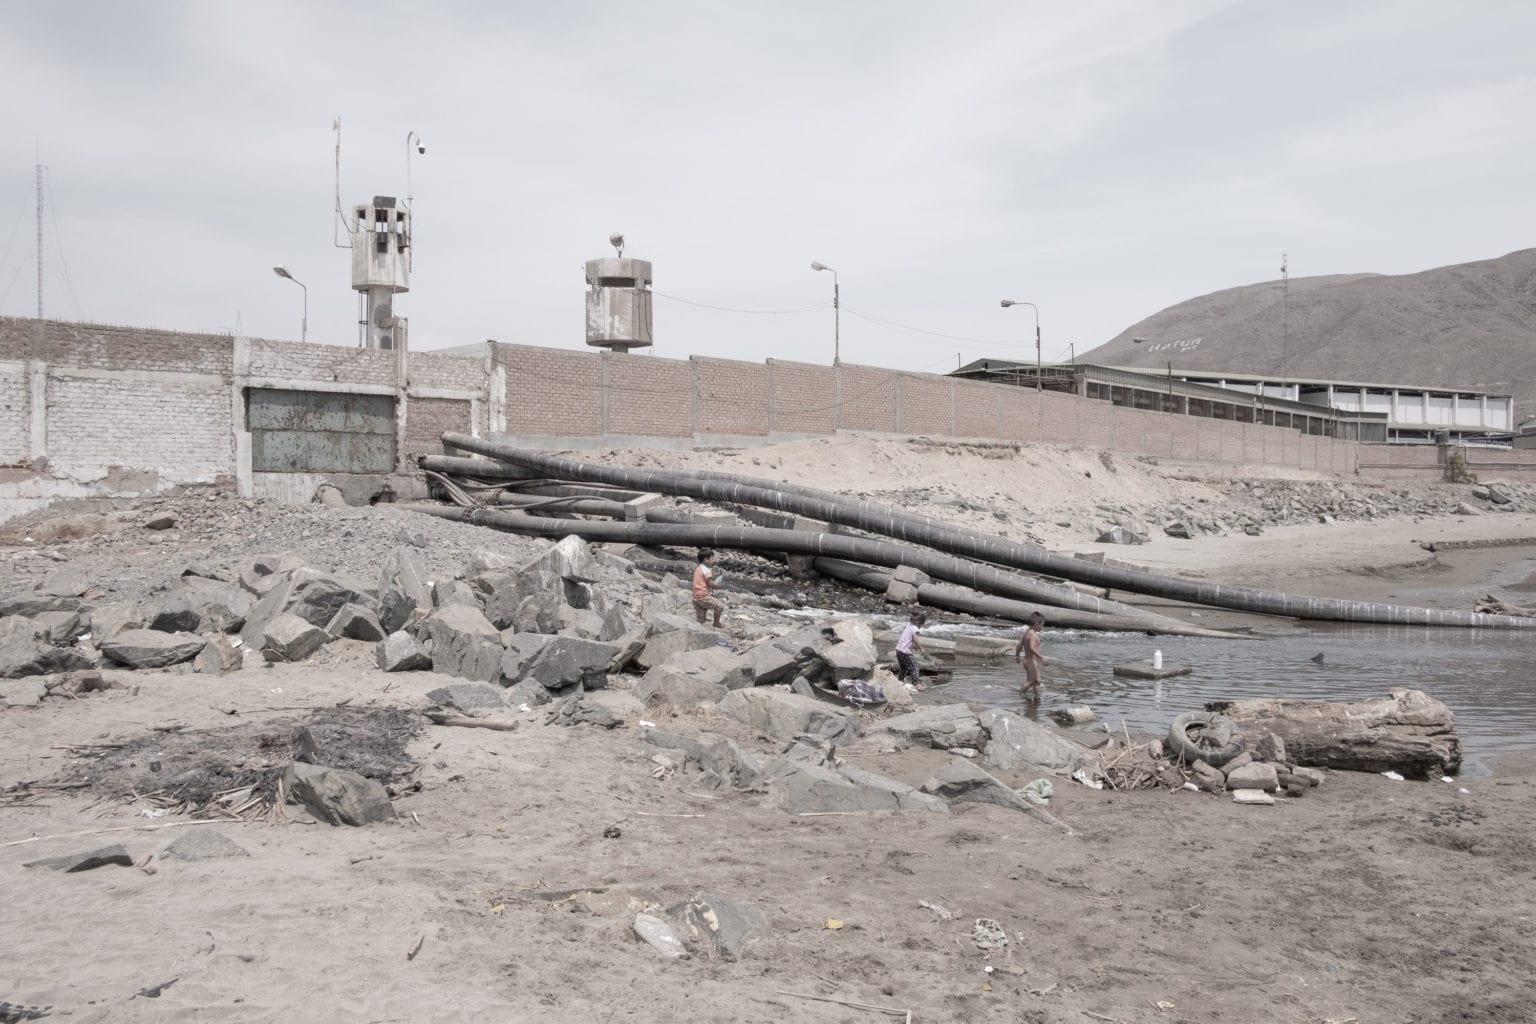 Tre børn leger på rørene fra fiskemelsfabrikken Pesquera Hayduk. Der er rør til at suge fisk ud af skibene, til at hente havvand op, som bruges i behandlingen af fiskene og til at slippe af med spildevand fra fabrikkerne.